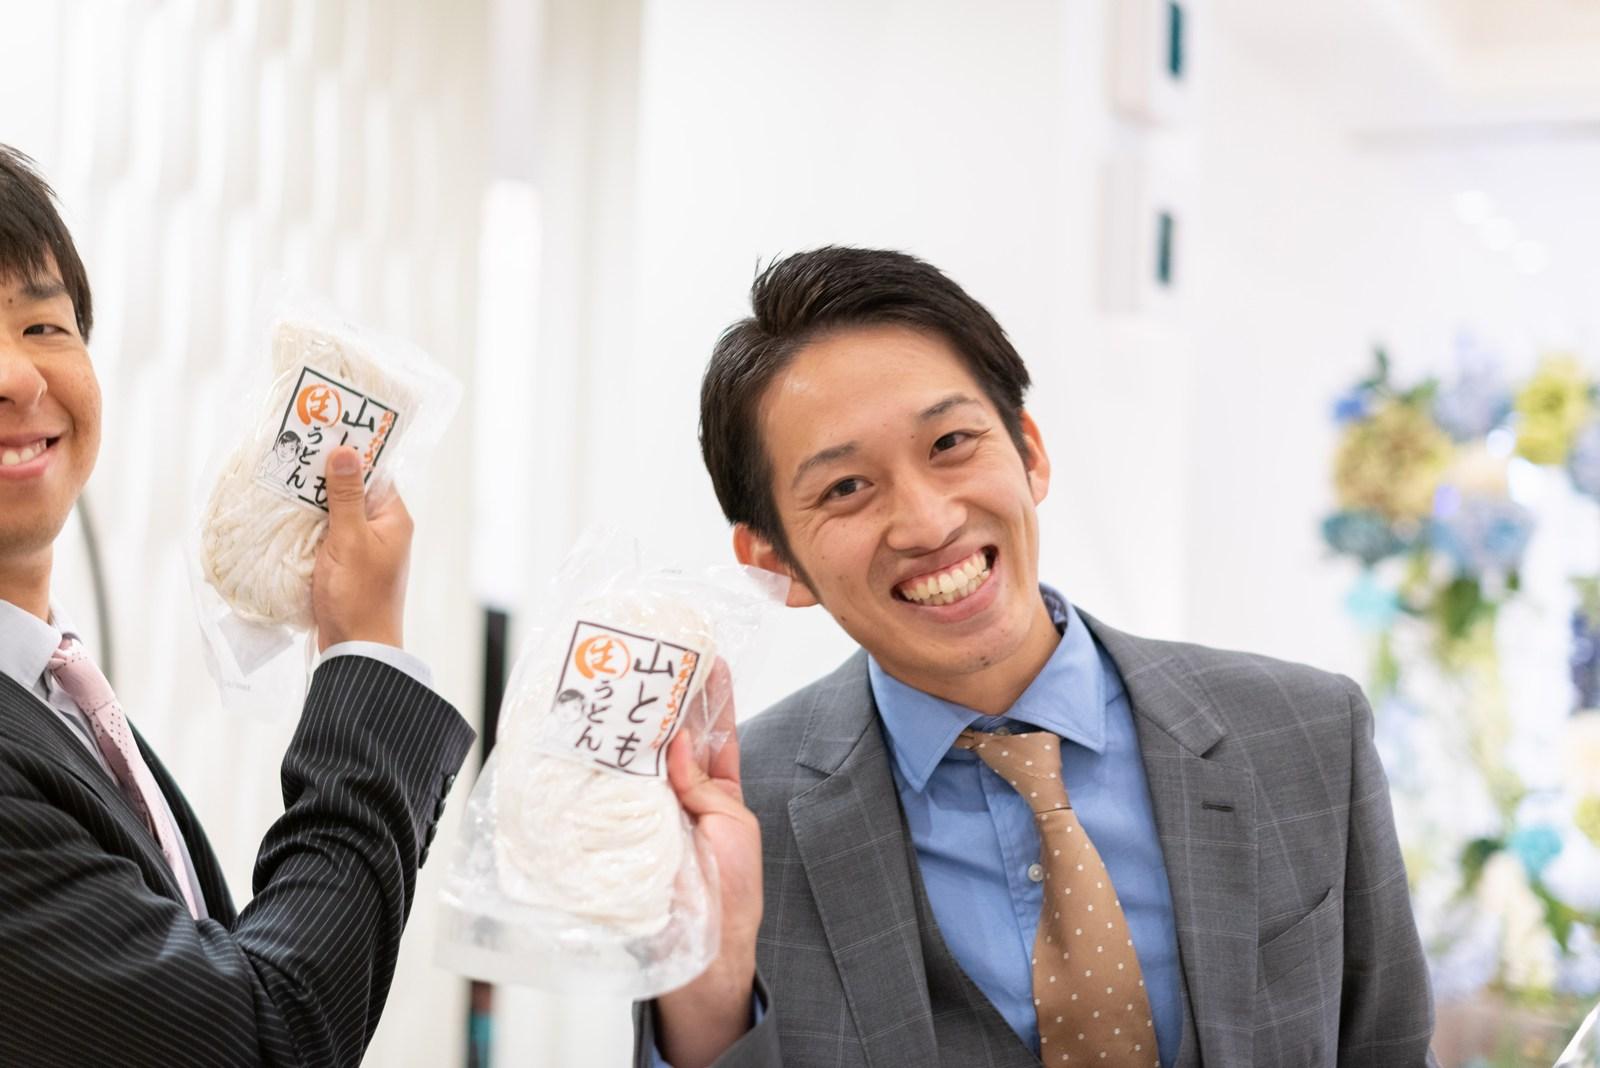 香川の結婚式場シェルエメール&アイスタイル お見送り品